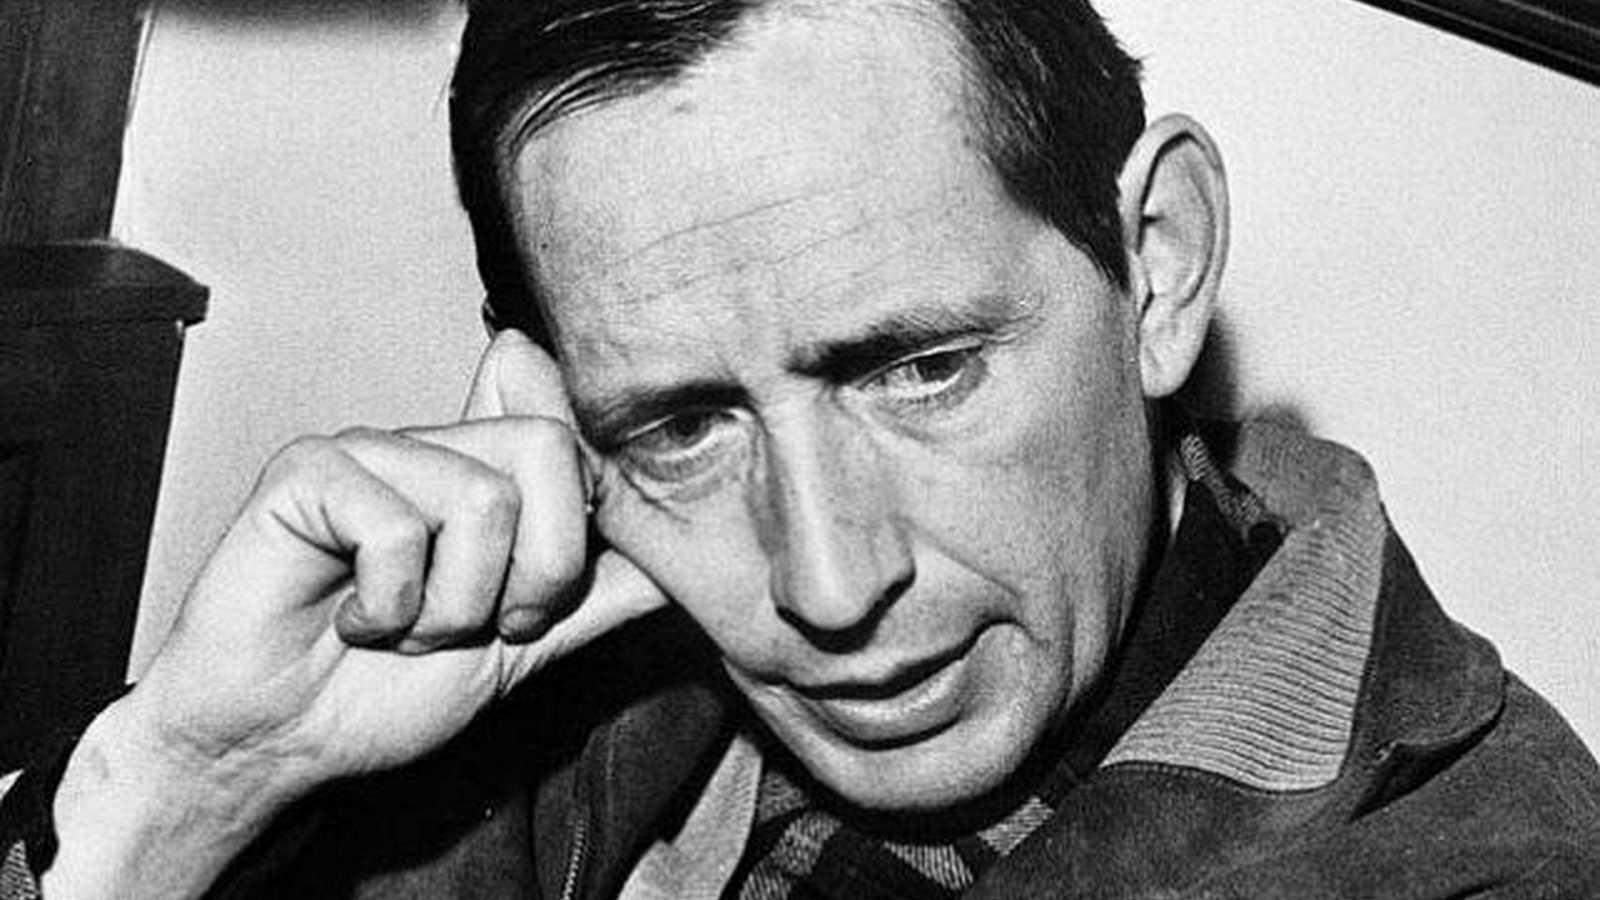 El ojo crítico - 100 años de Miguel Delibes - 15/09/20 - escucha ahora